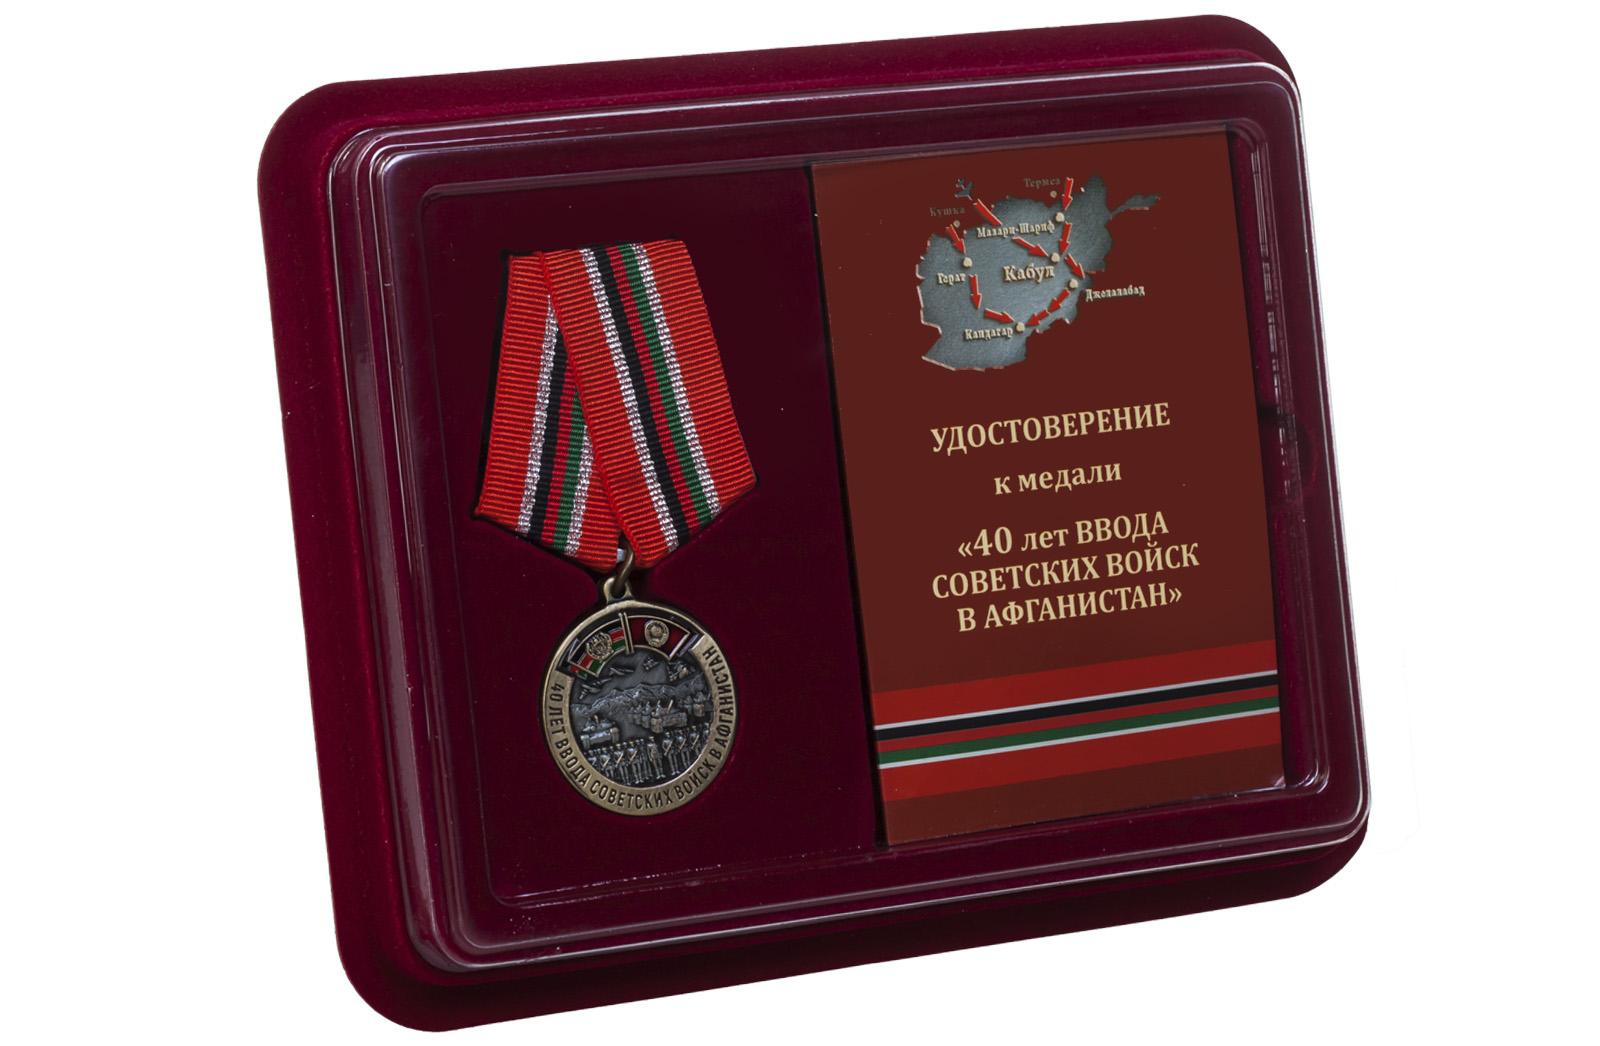 Купить медаль 40-летие ввода Советских войск в Афганистан с доставкой